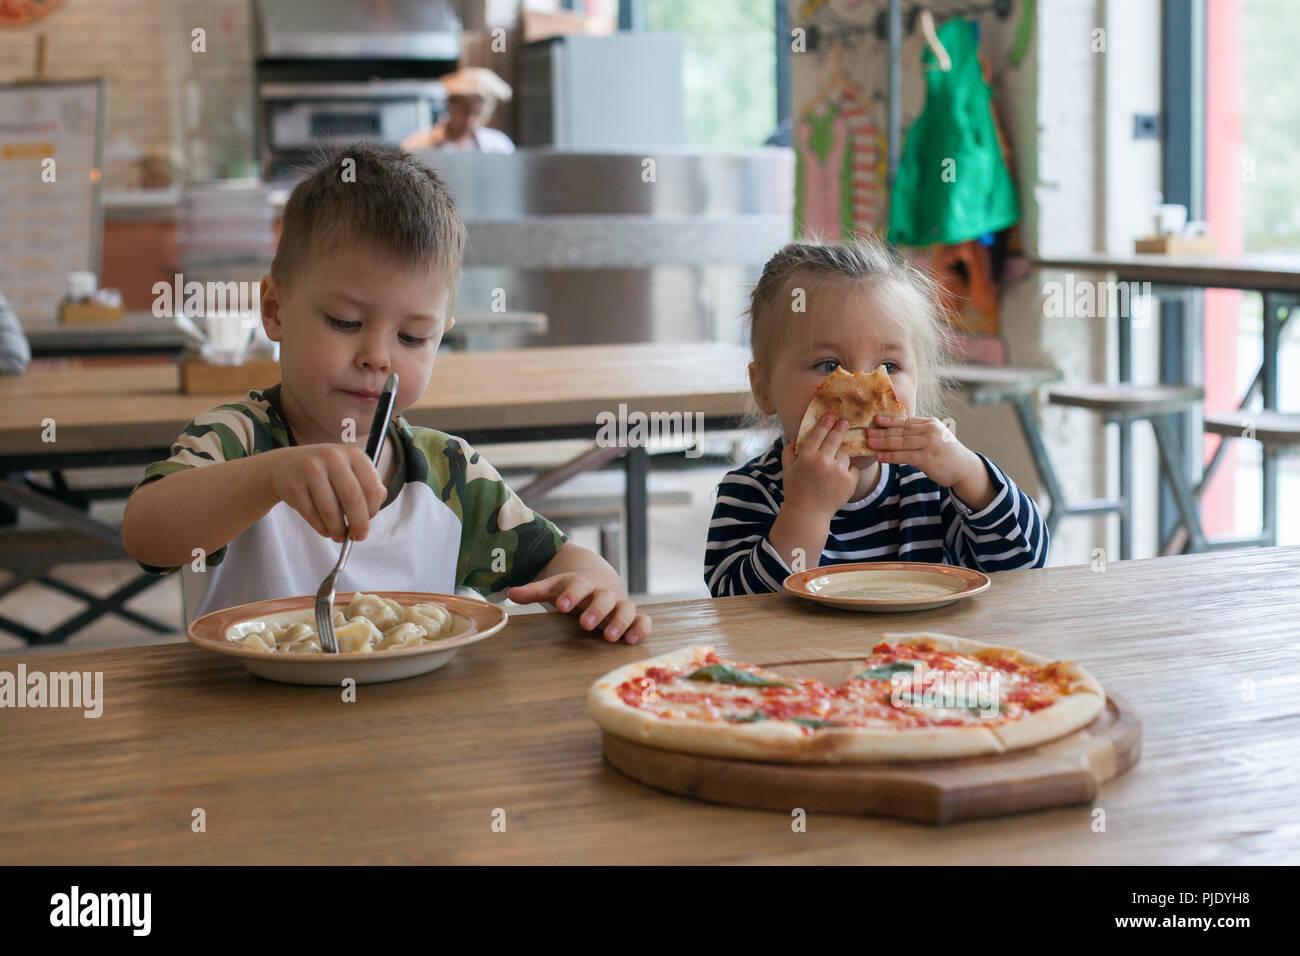 Los niños comen pizza y dumplings de carne en el café. Los niños que comen alimentos poco sanos en interiores. Los hermanos en la cafetería, el concepto de vacaciones de la familia. Imagen De Stock